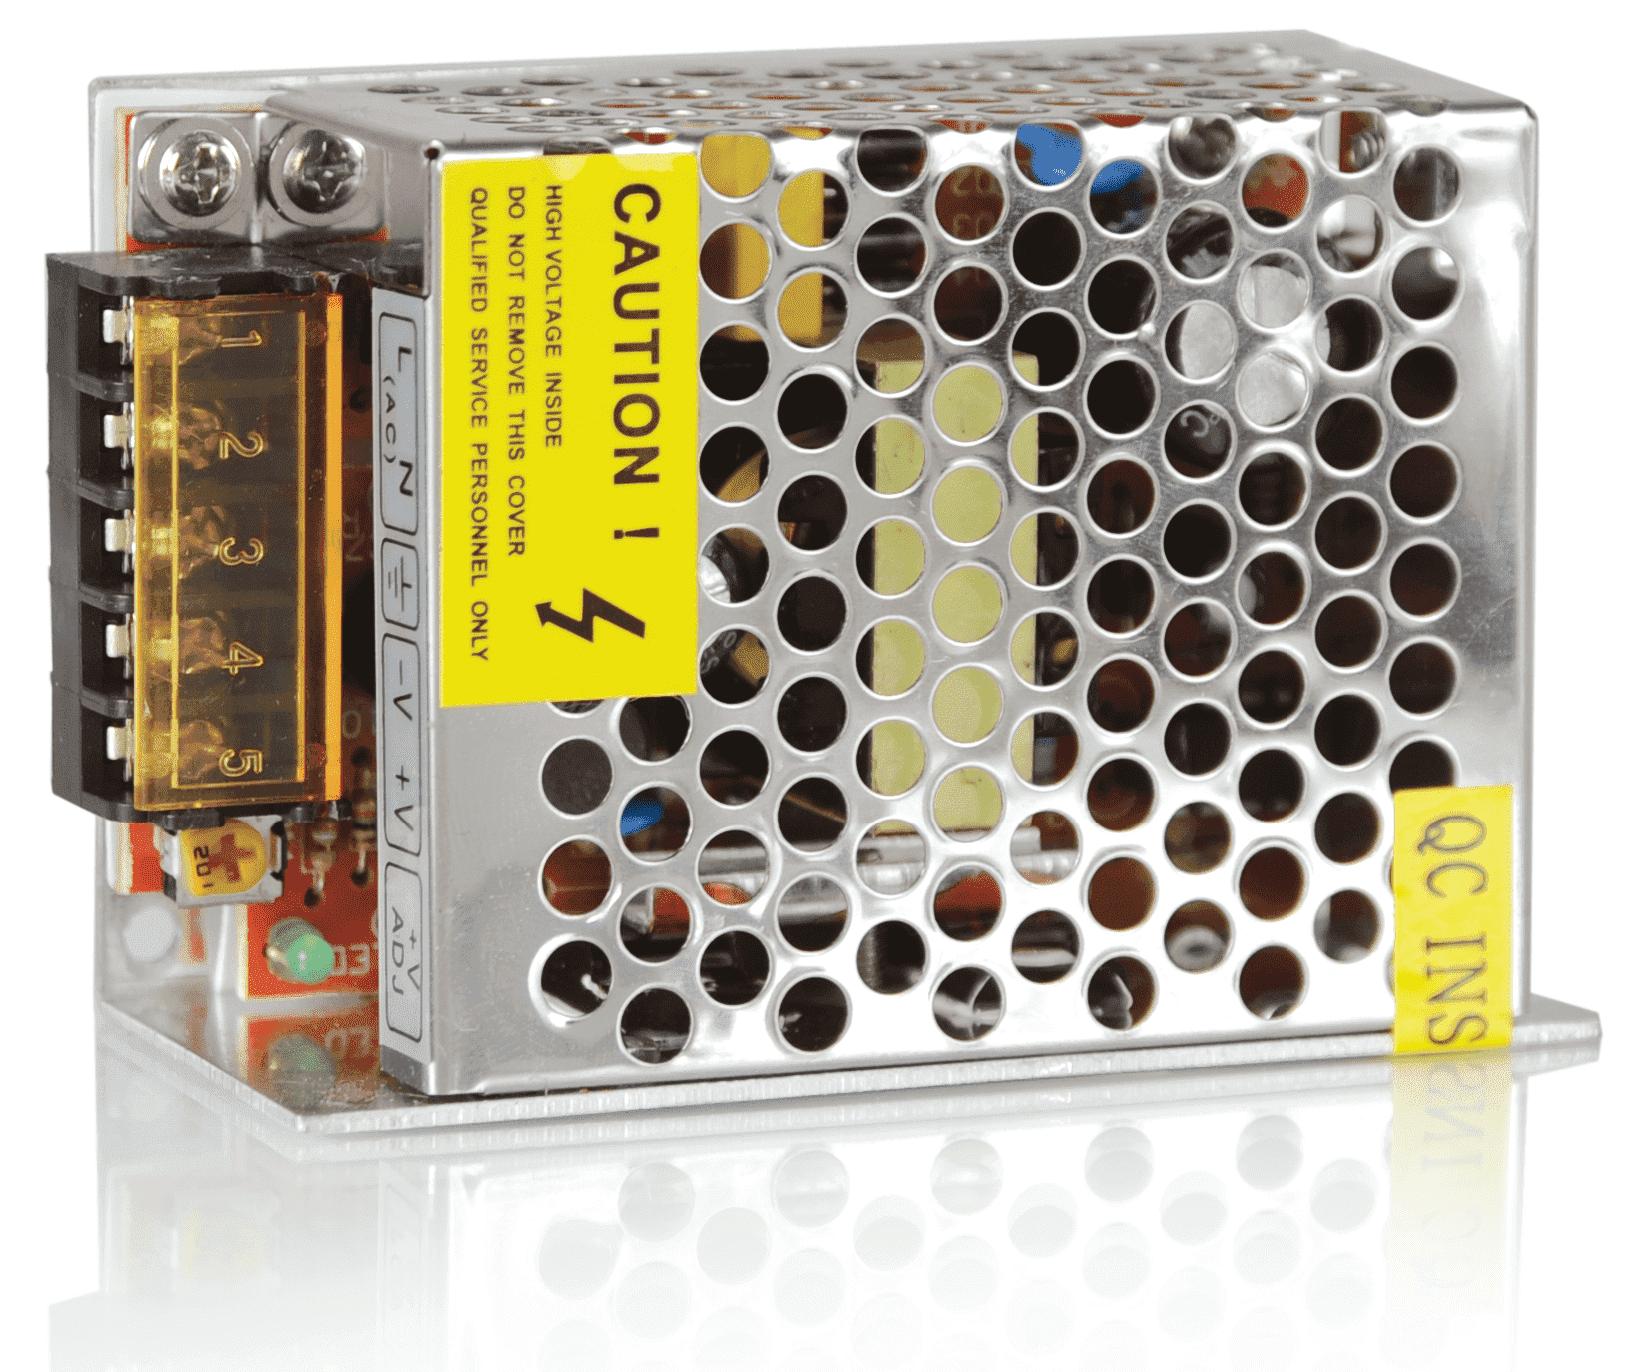 Блок питания для светодиодной ленты Gauss LED STRIP PS 30W 12V арт. 202003030